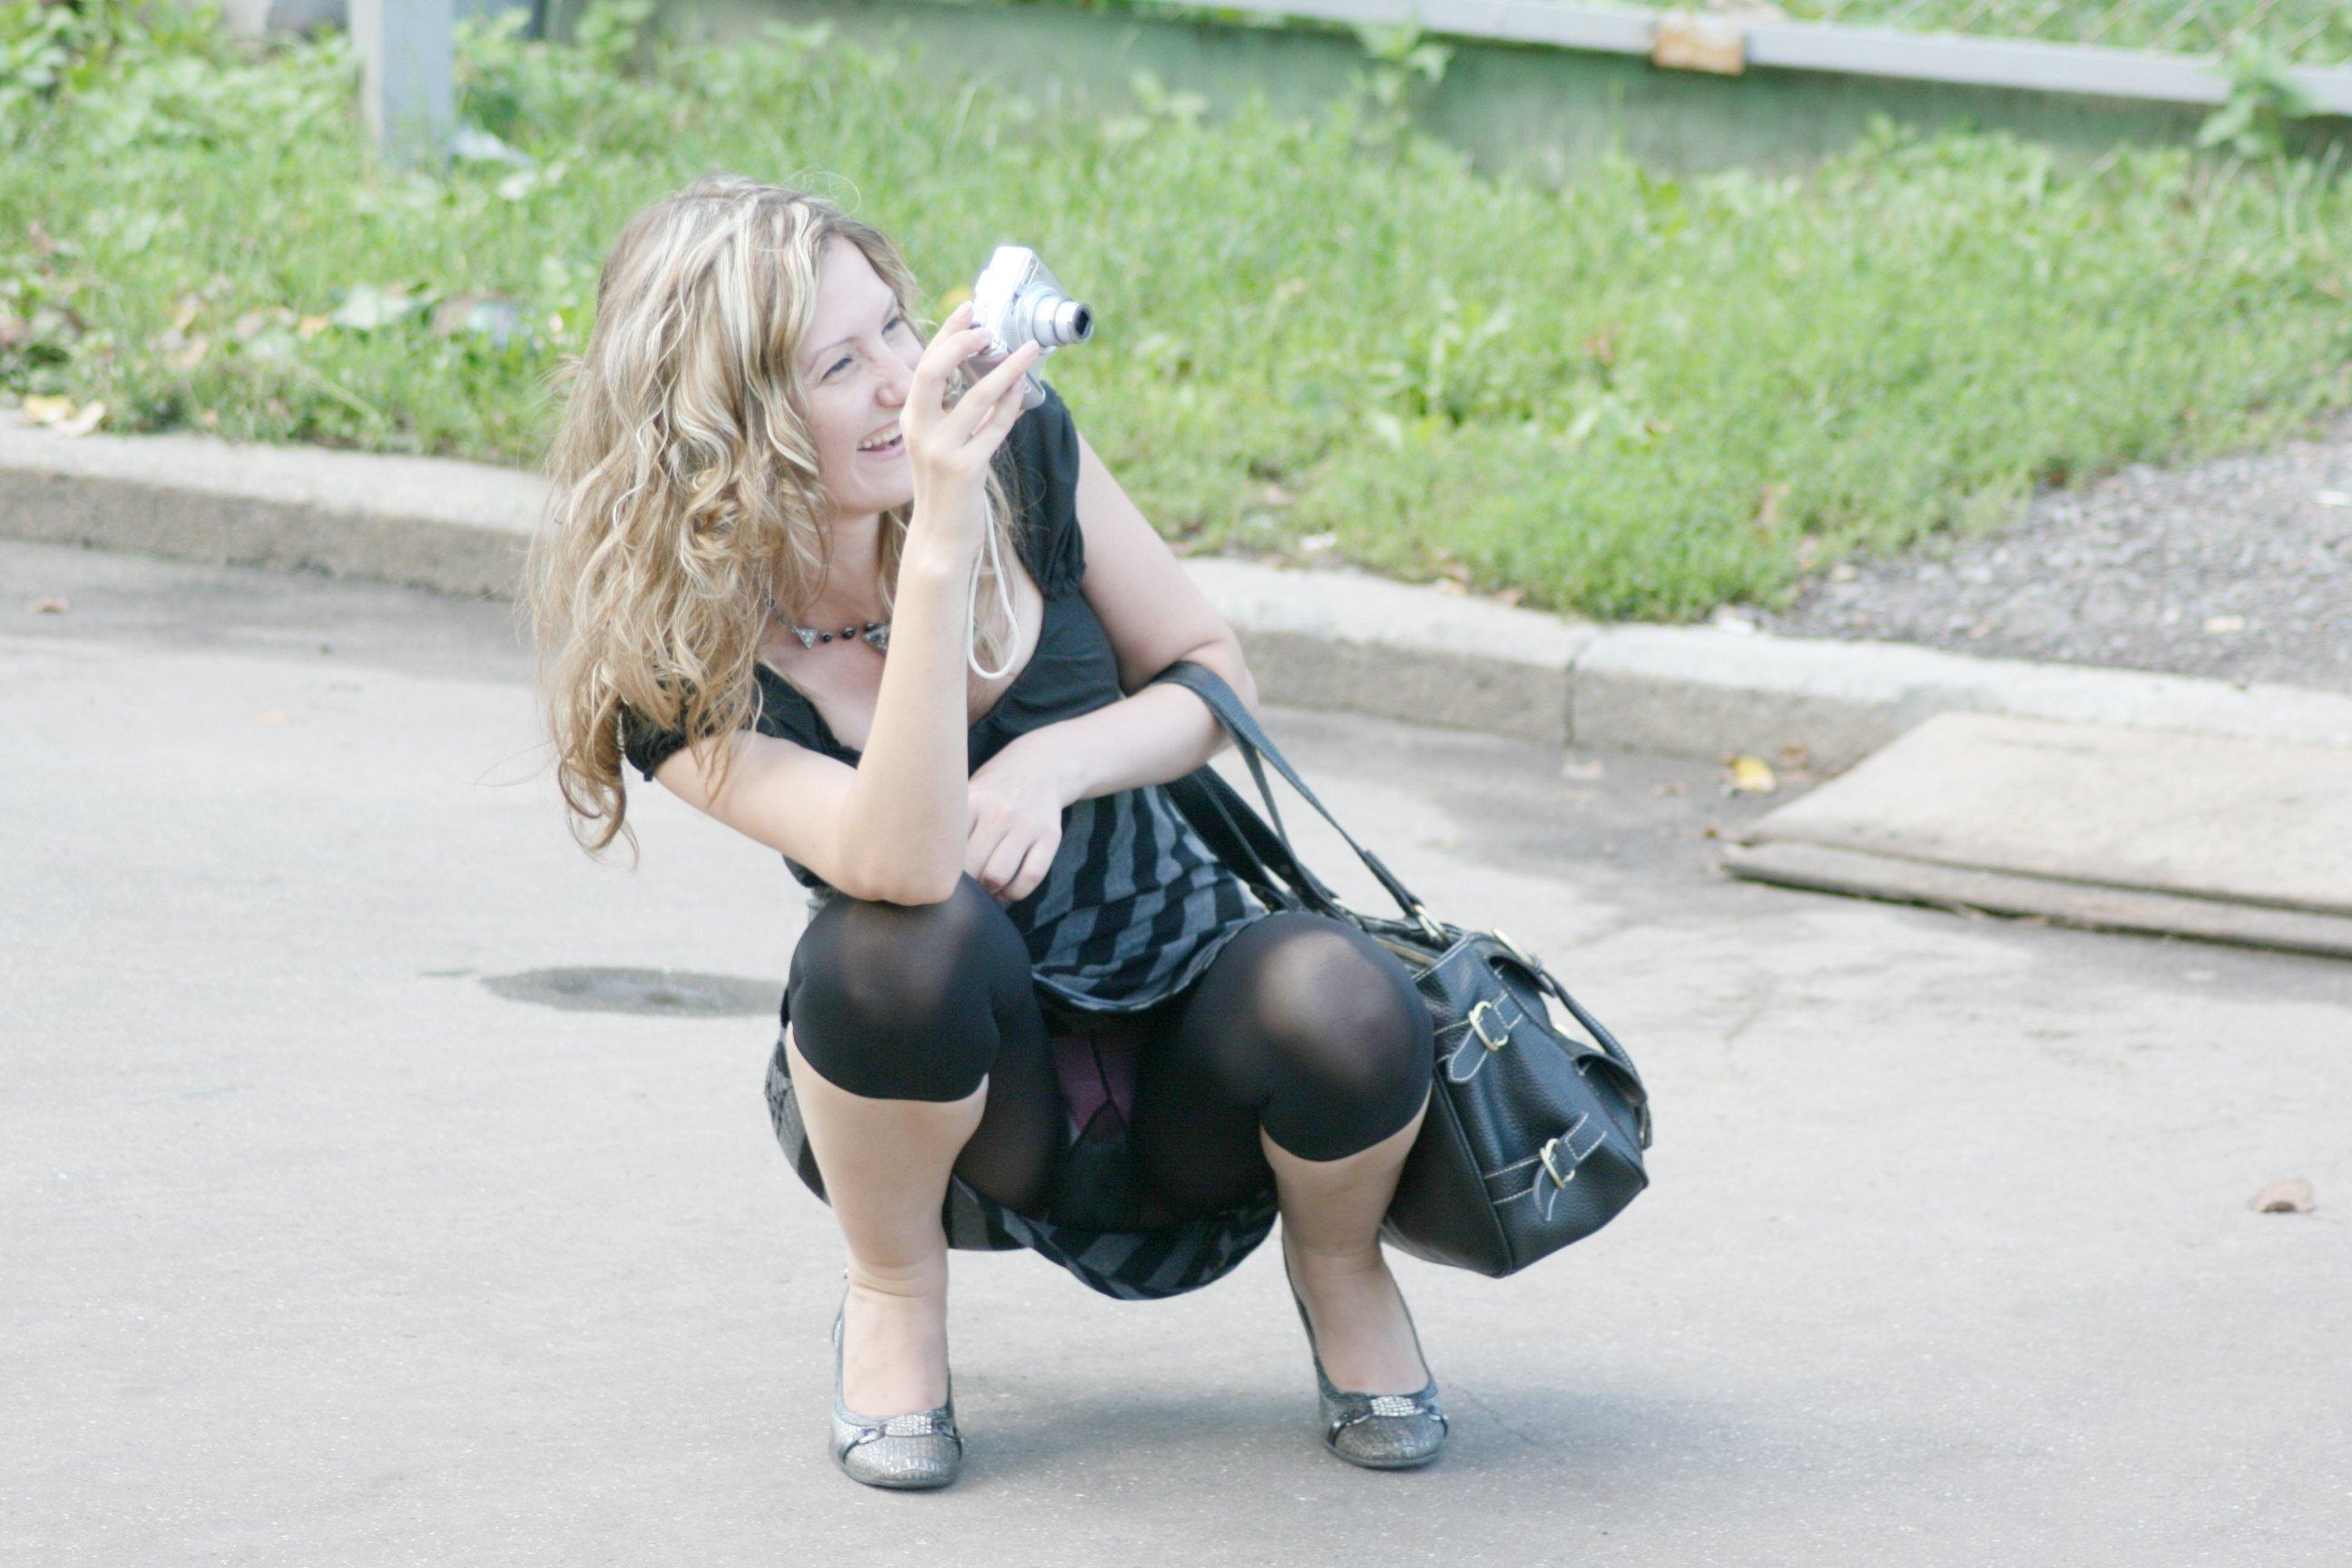 Фото девушка в короткой юбке нагнулась 12 фотография